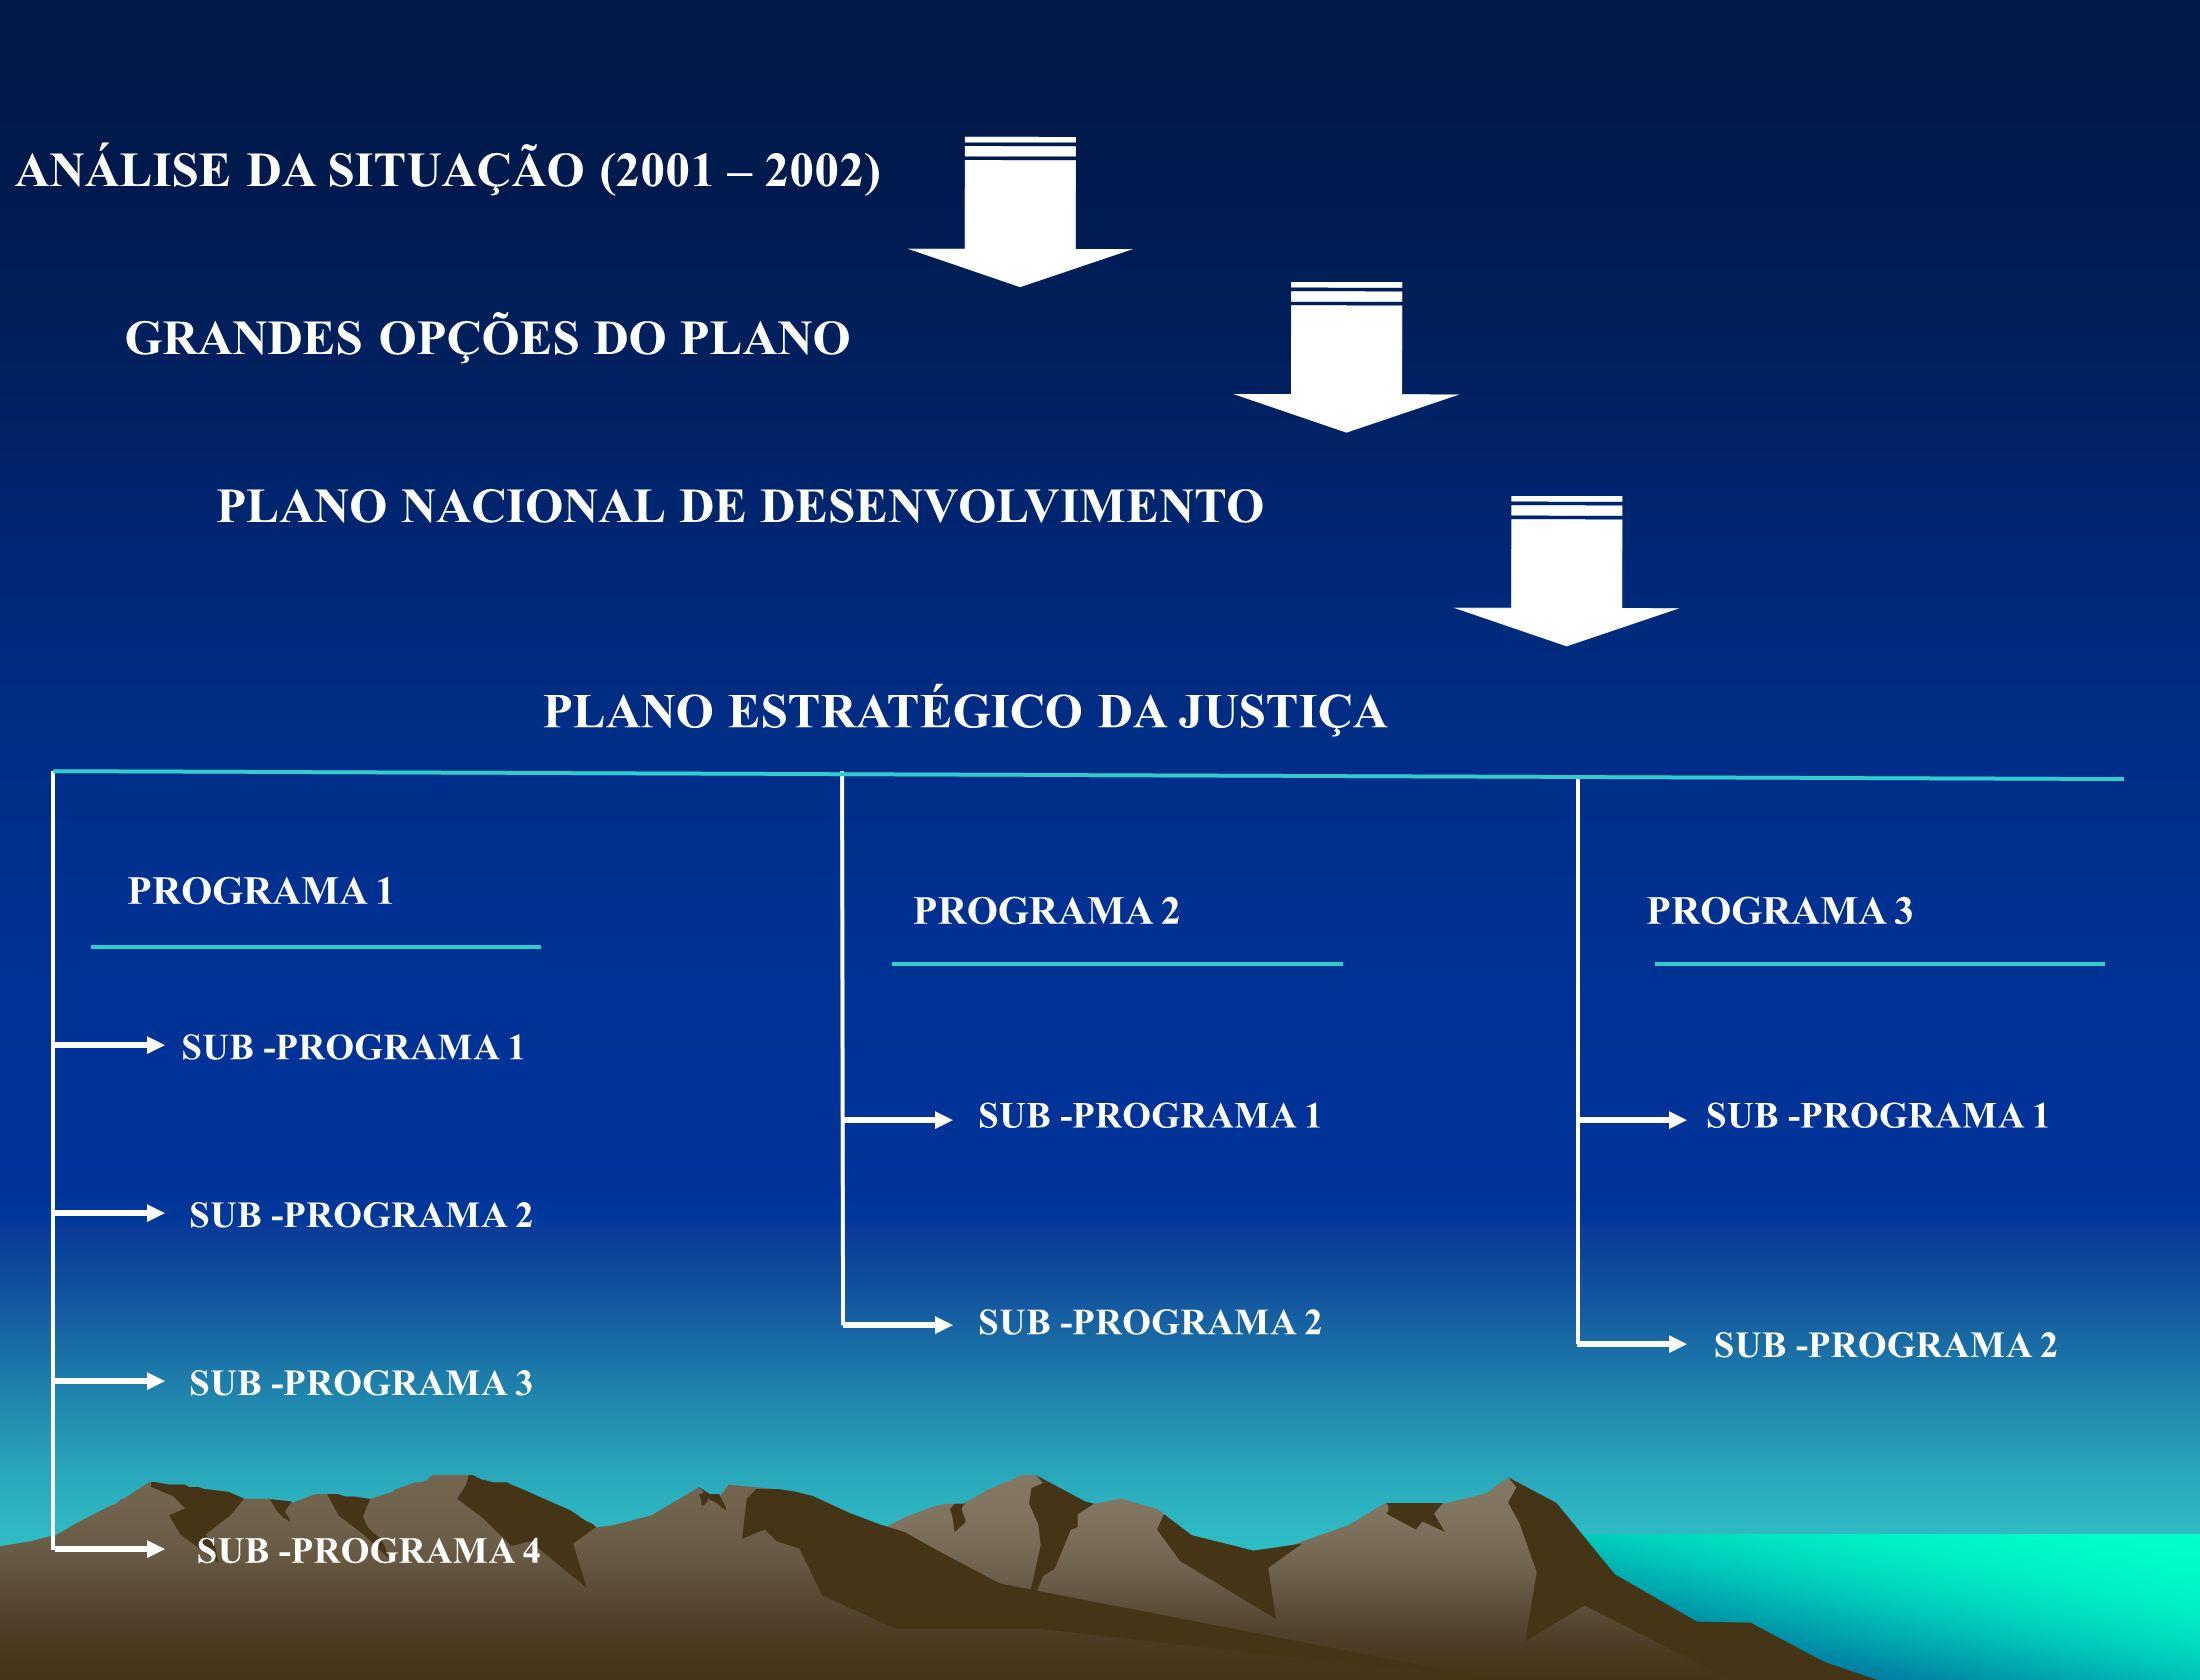 ANÁLISE DA SITUAÇÃO (2001 – 2002)